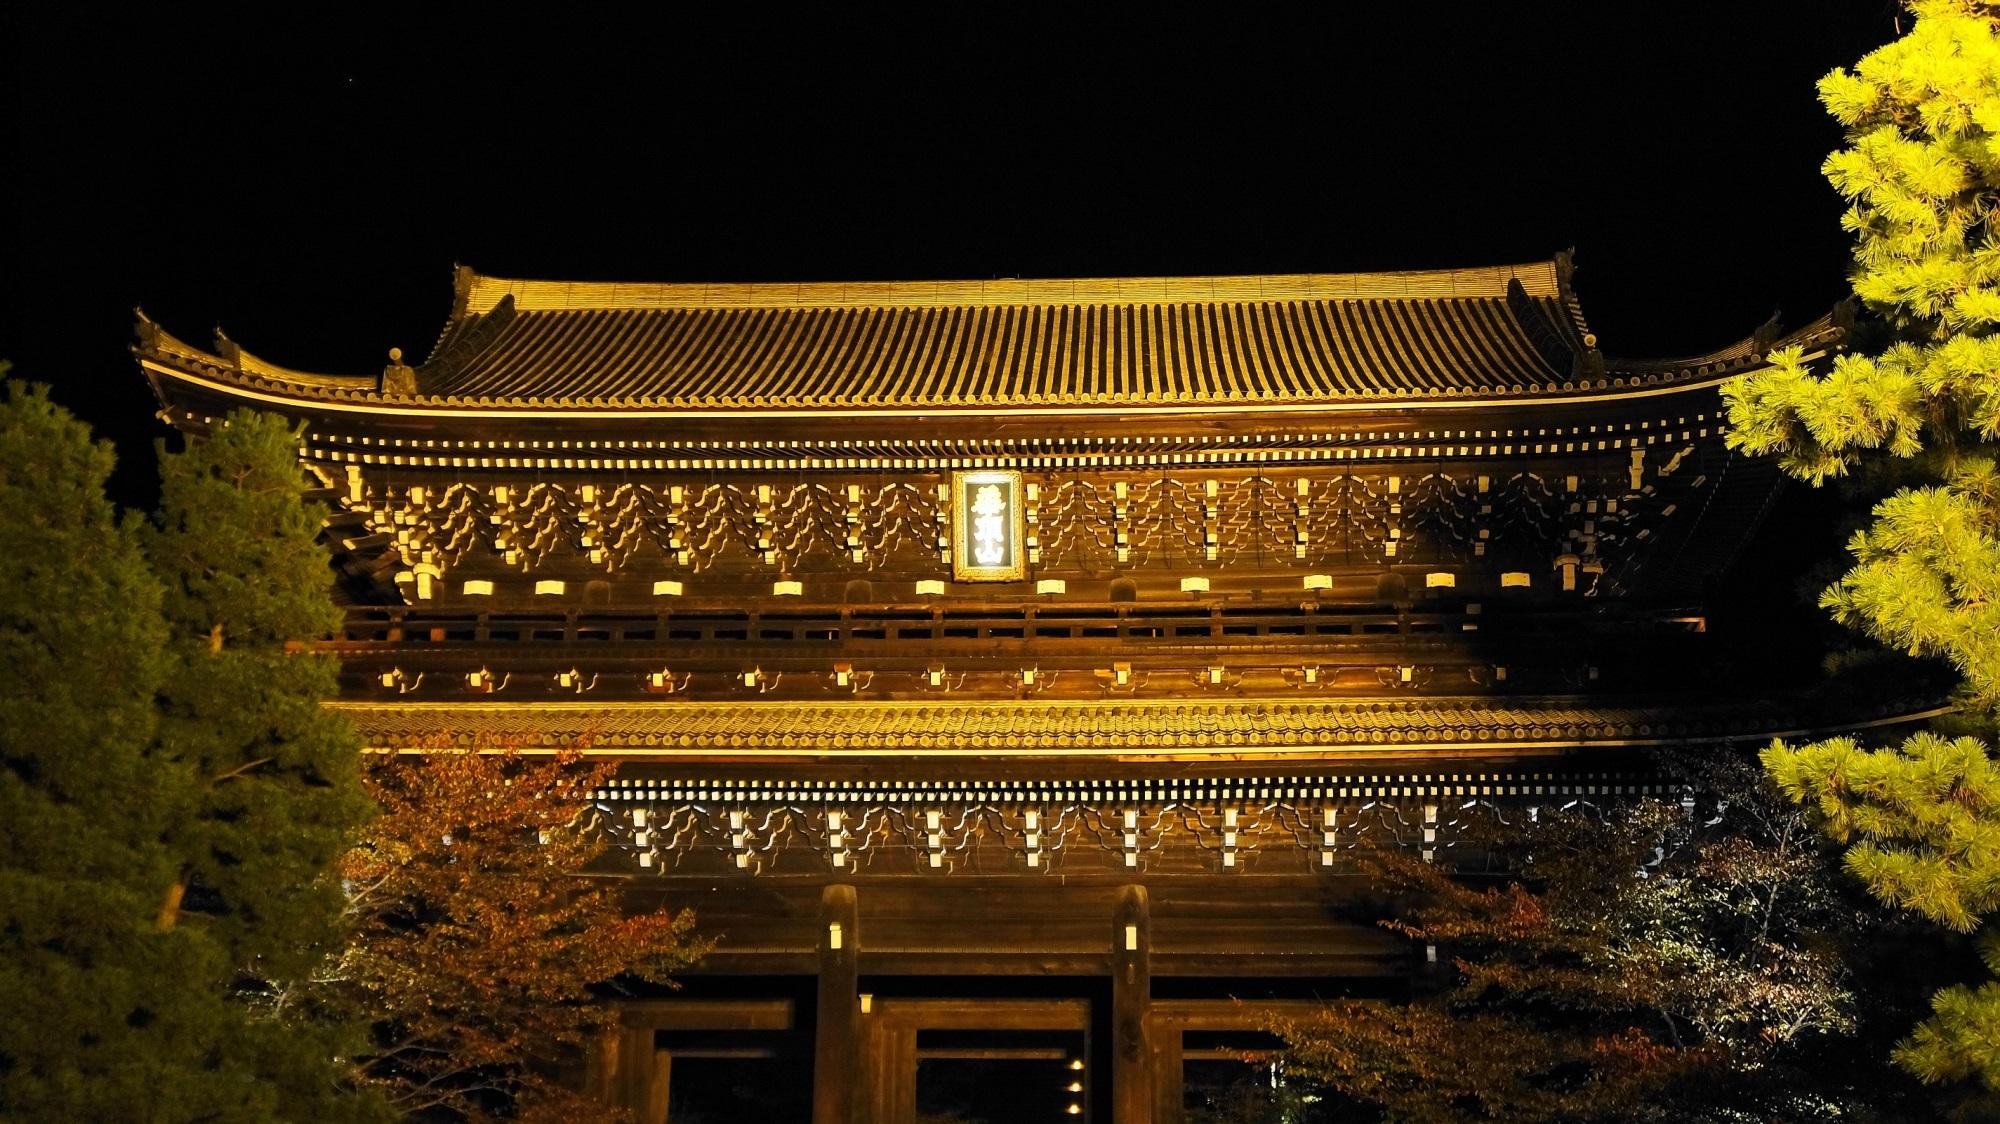 知恩院 ライトアップ 巨大な三門と紅葉